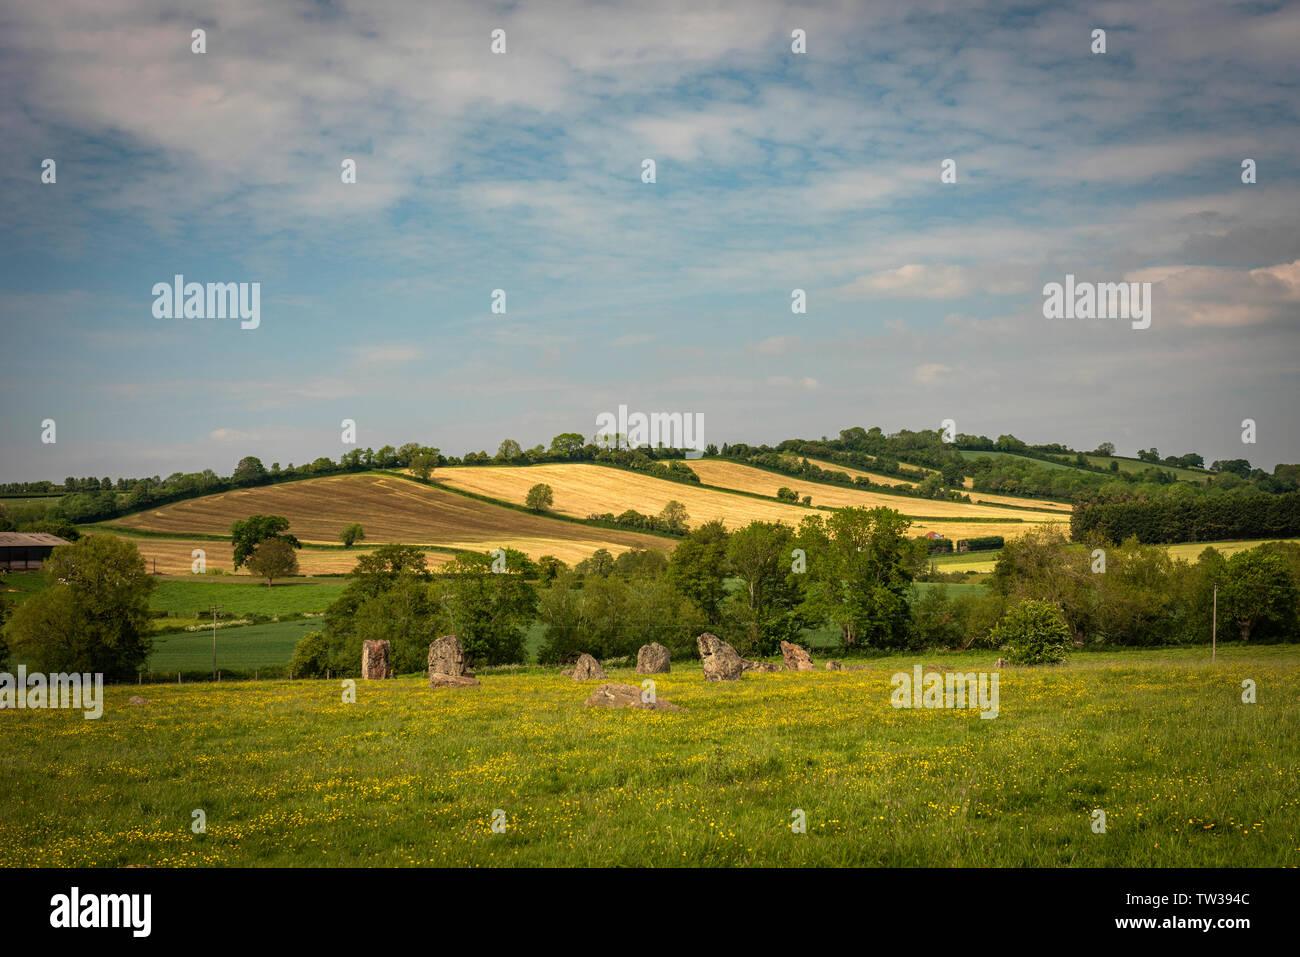 Le cercle de pierre de l'Est du nord de la fin du Néolithique ou au début de l'âge du bronze à Stanton Drew stone circles, Somerset, UK Photo Stock